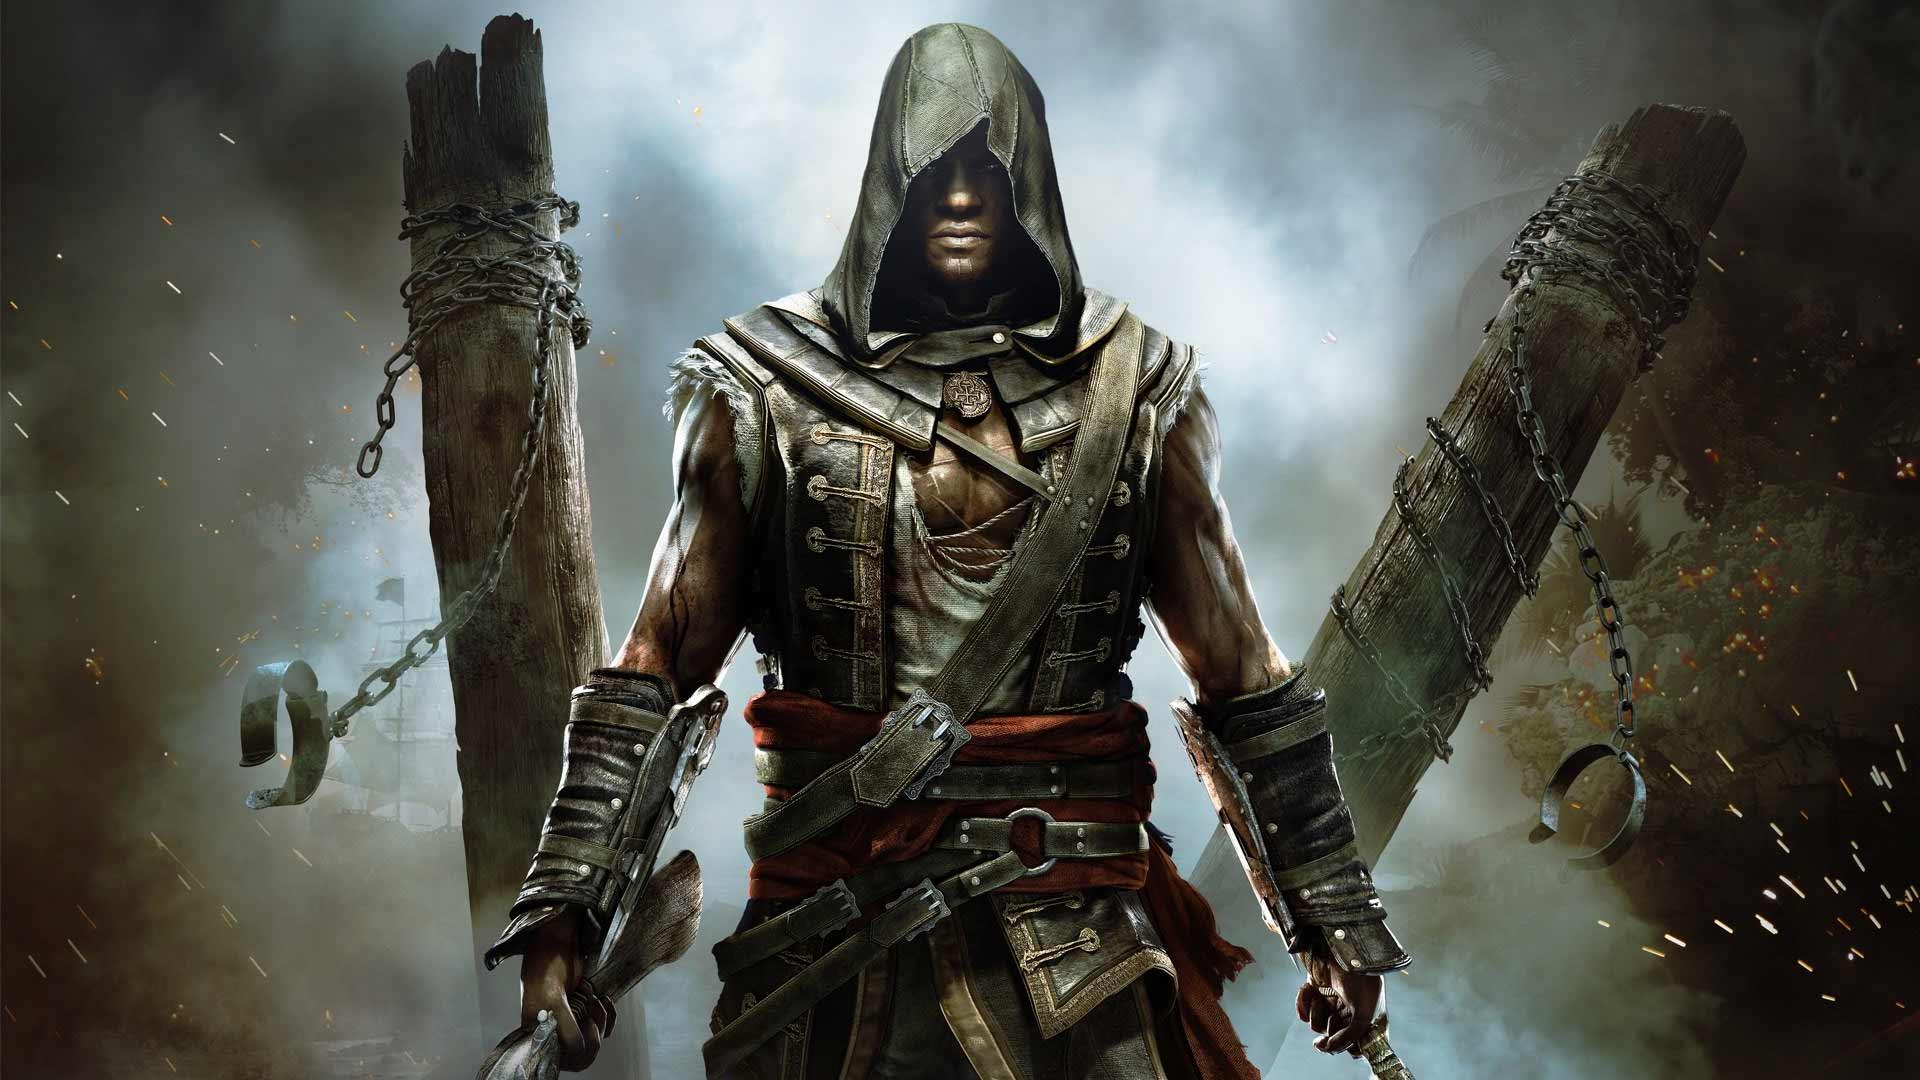 Assassin's Creed IV: Черный флаг - Добро пожаловать в Abstergo Entertainment